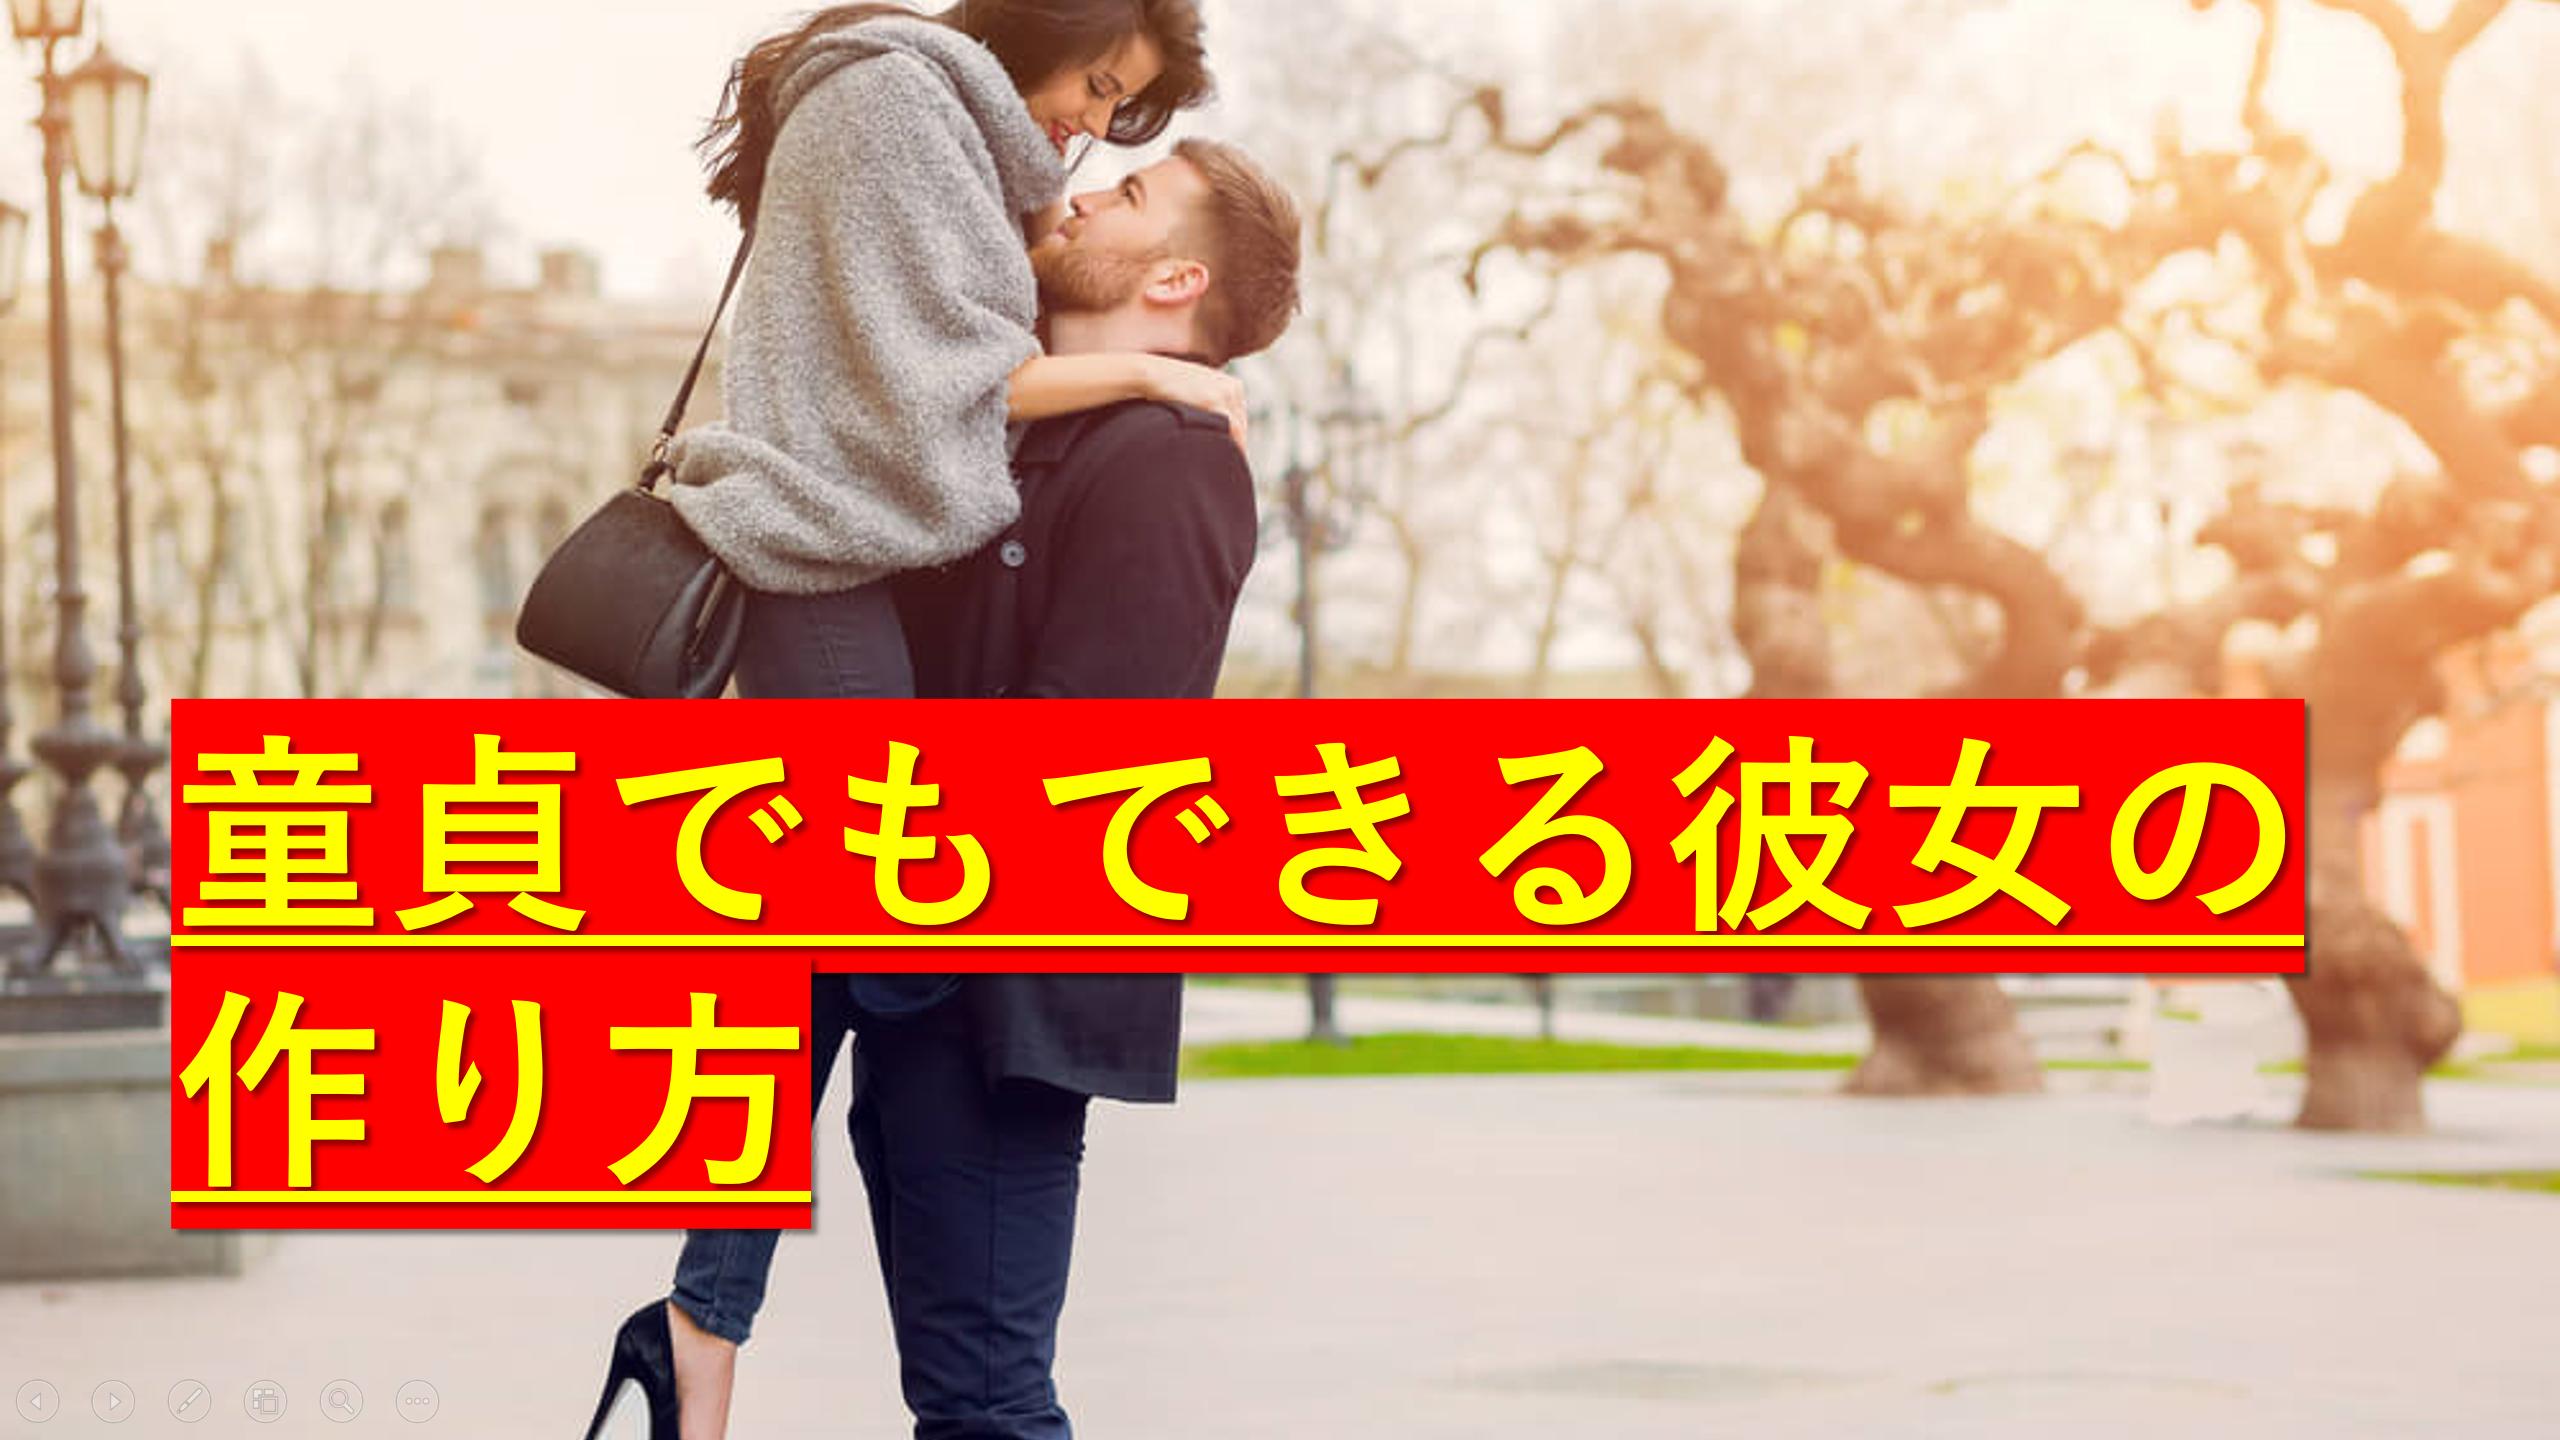 【童貞でもできる!】童貞が彼女を作るまでの流れを恋愛のプロが徹底解説!!